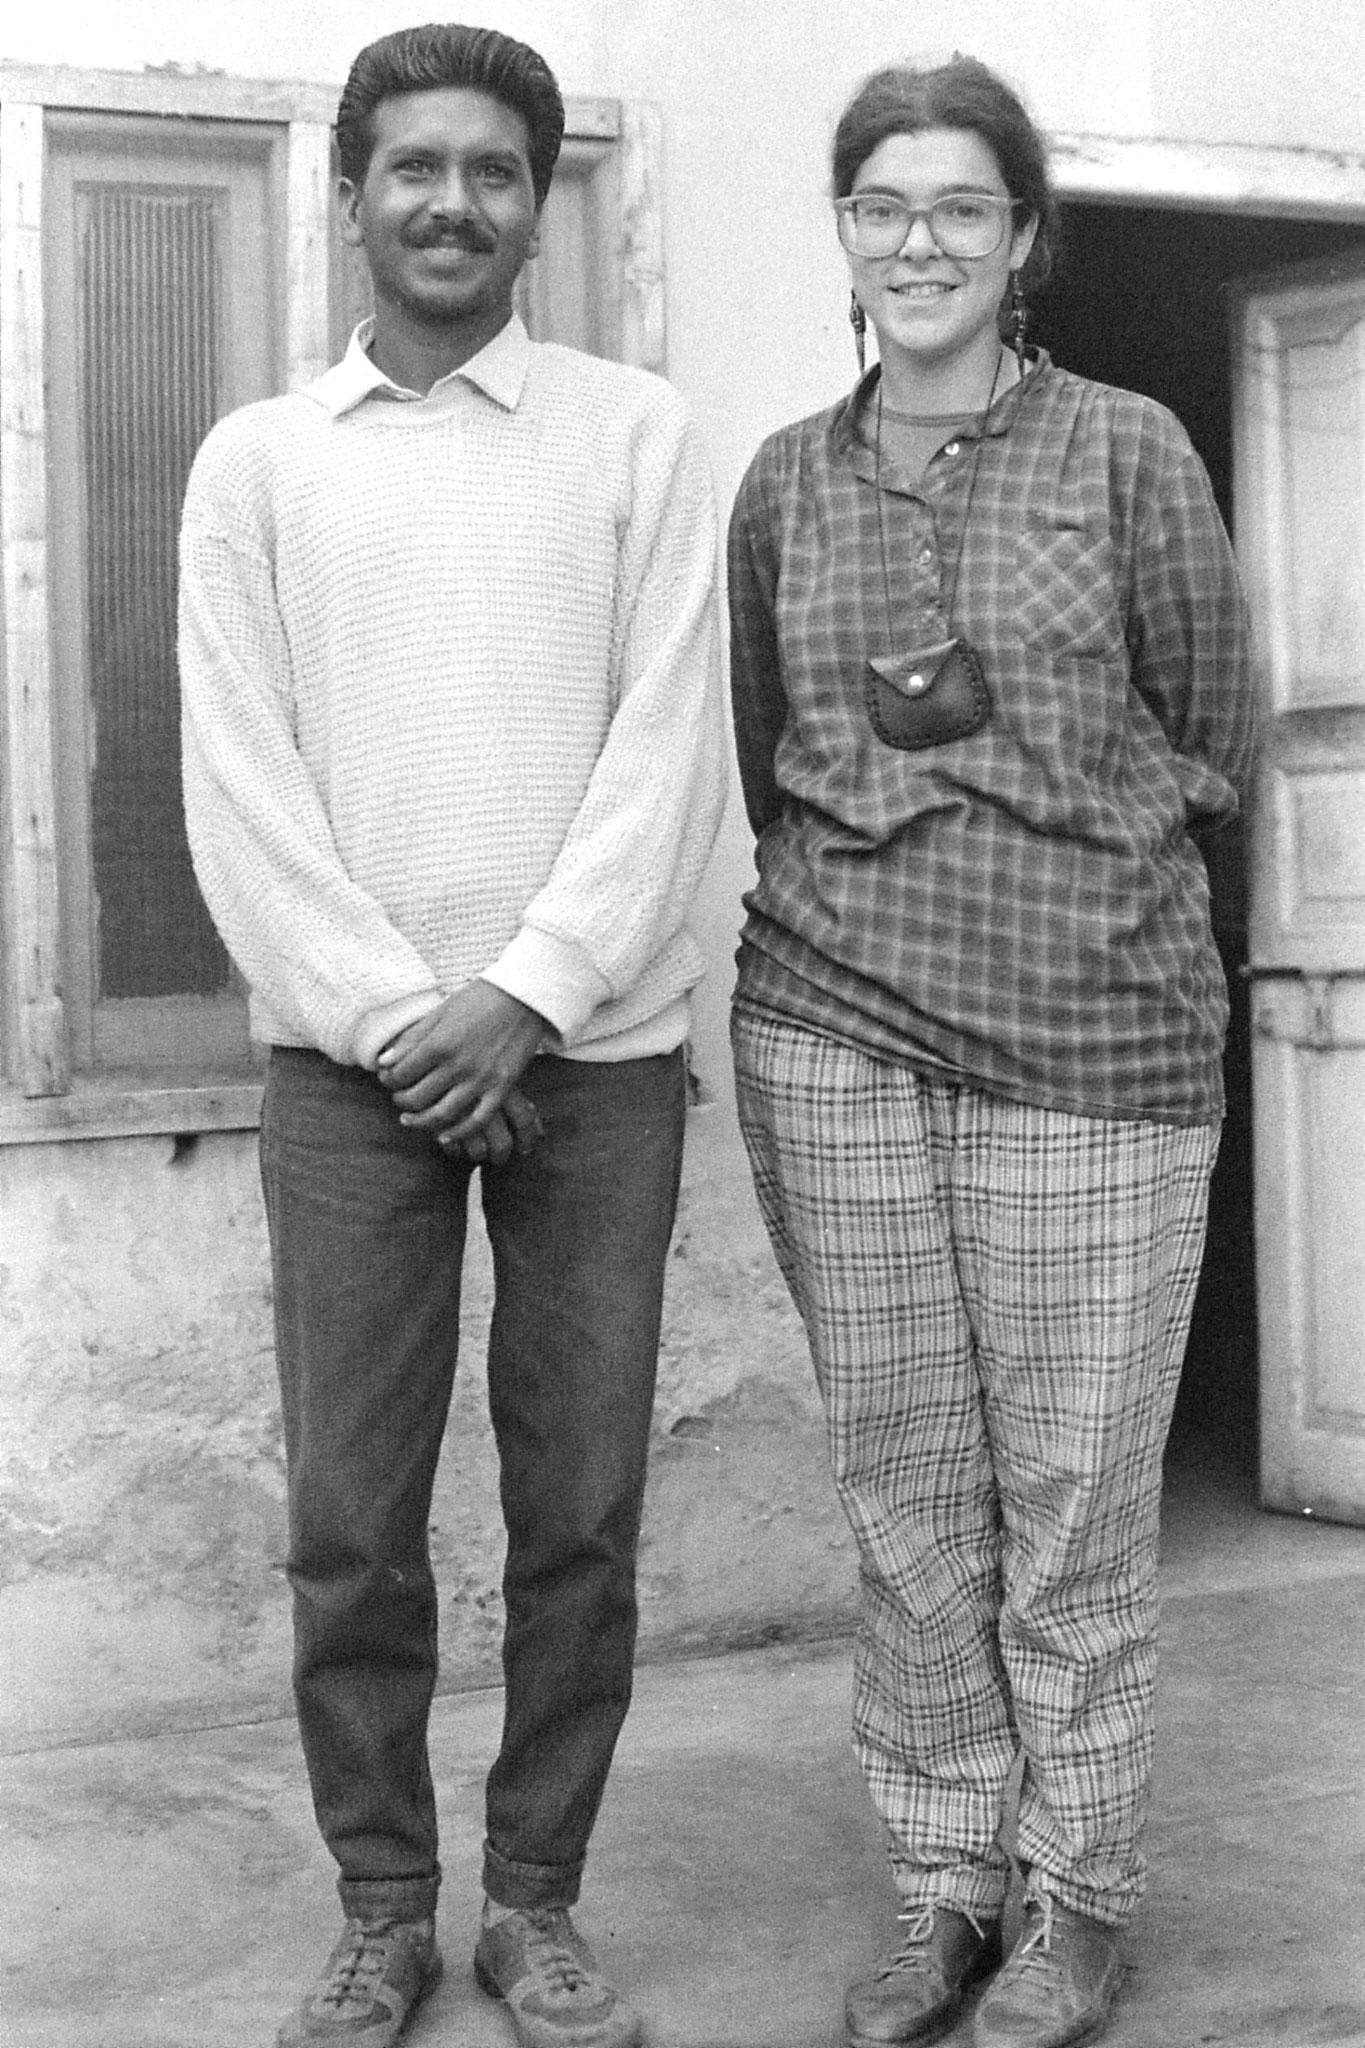 17/11/1989: 8: Amritsar, E & Paul